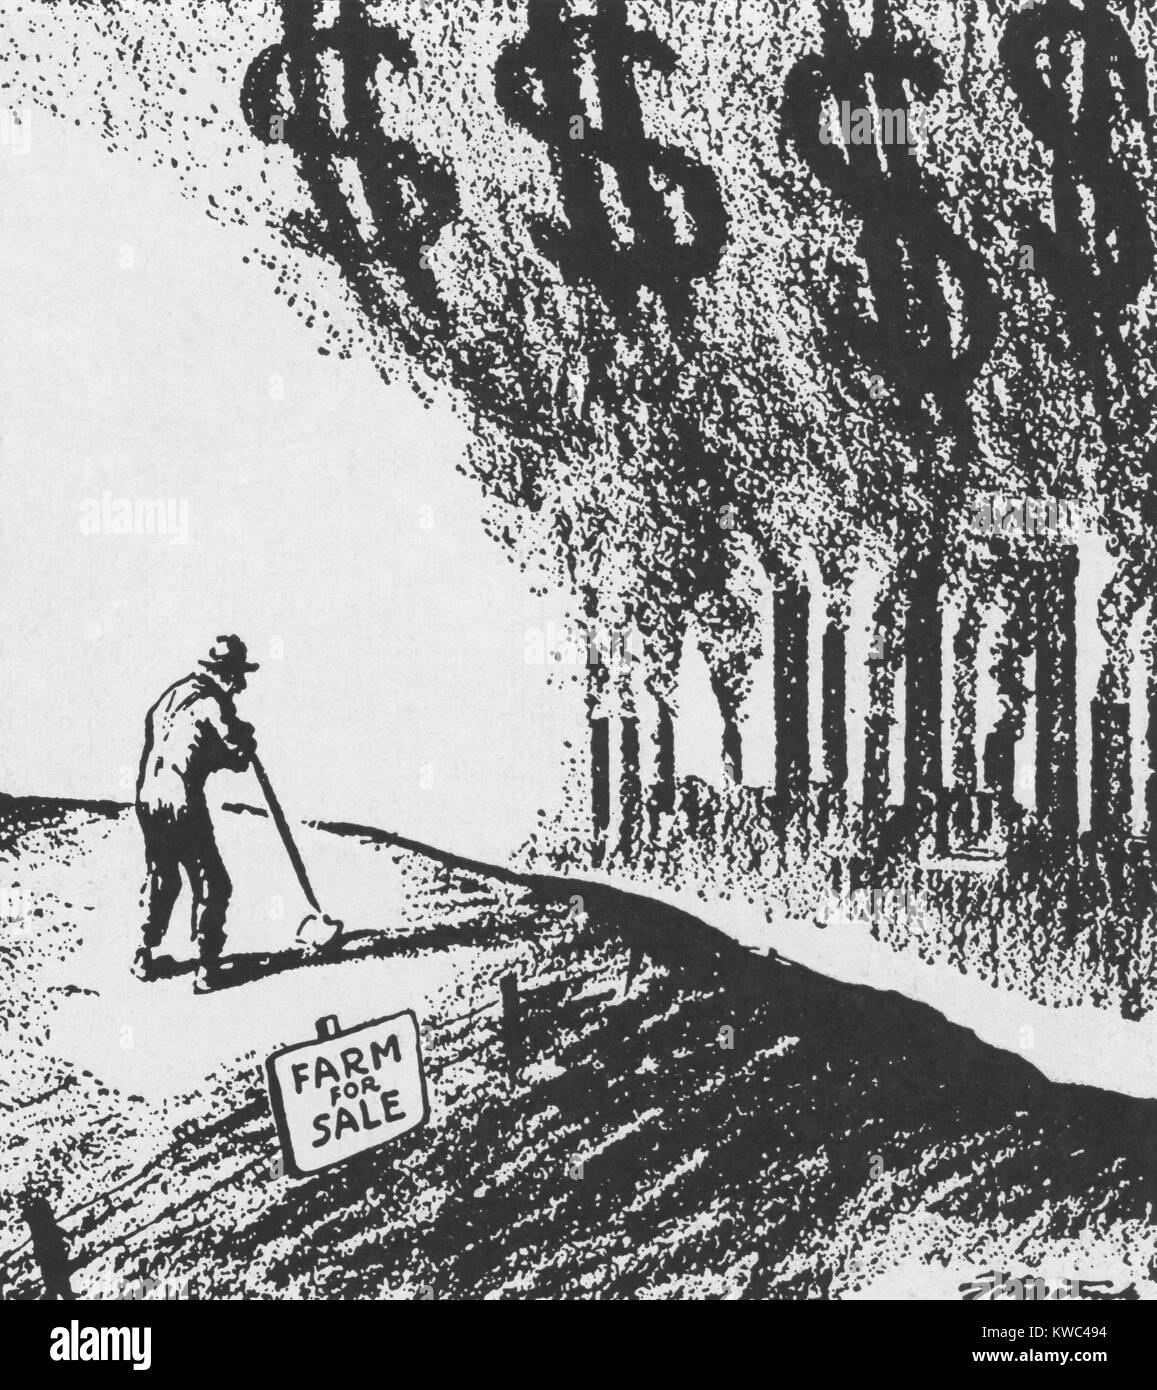 La agricultura de la depresión de la década de 1920 siguió el auge de la guerra mundial 1. Durante la Gran Guerra Foto de stock